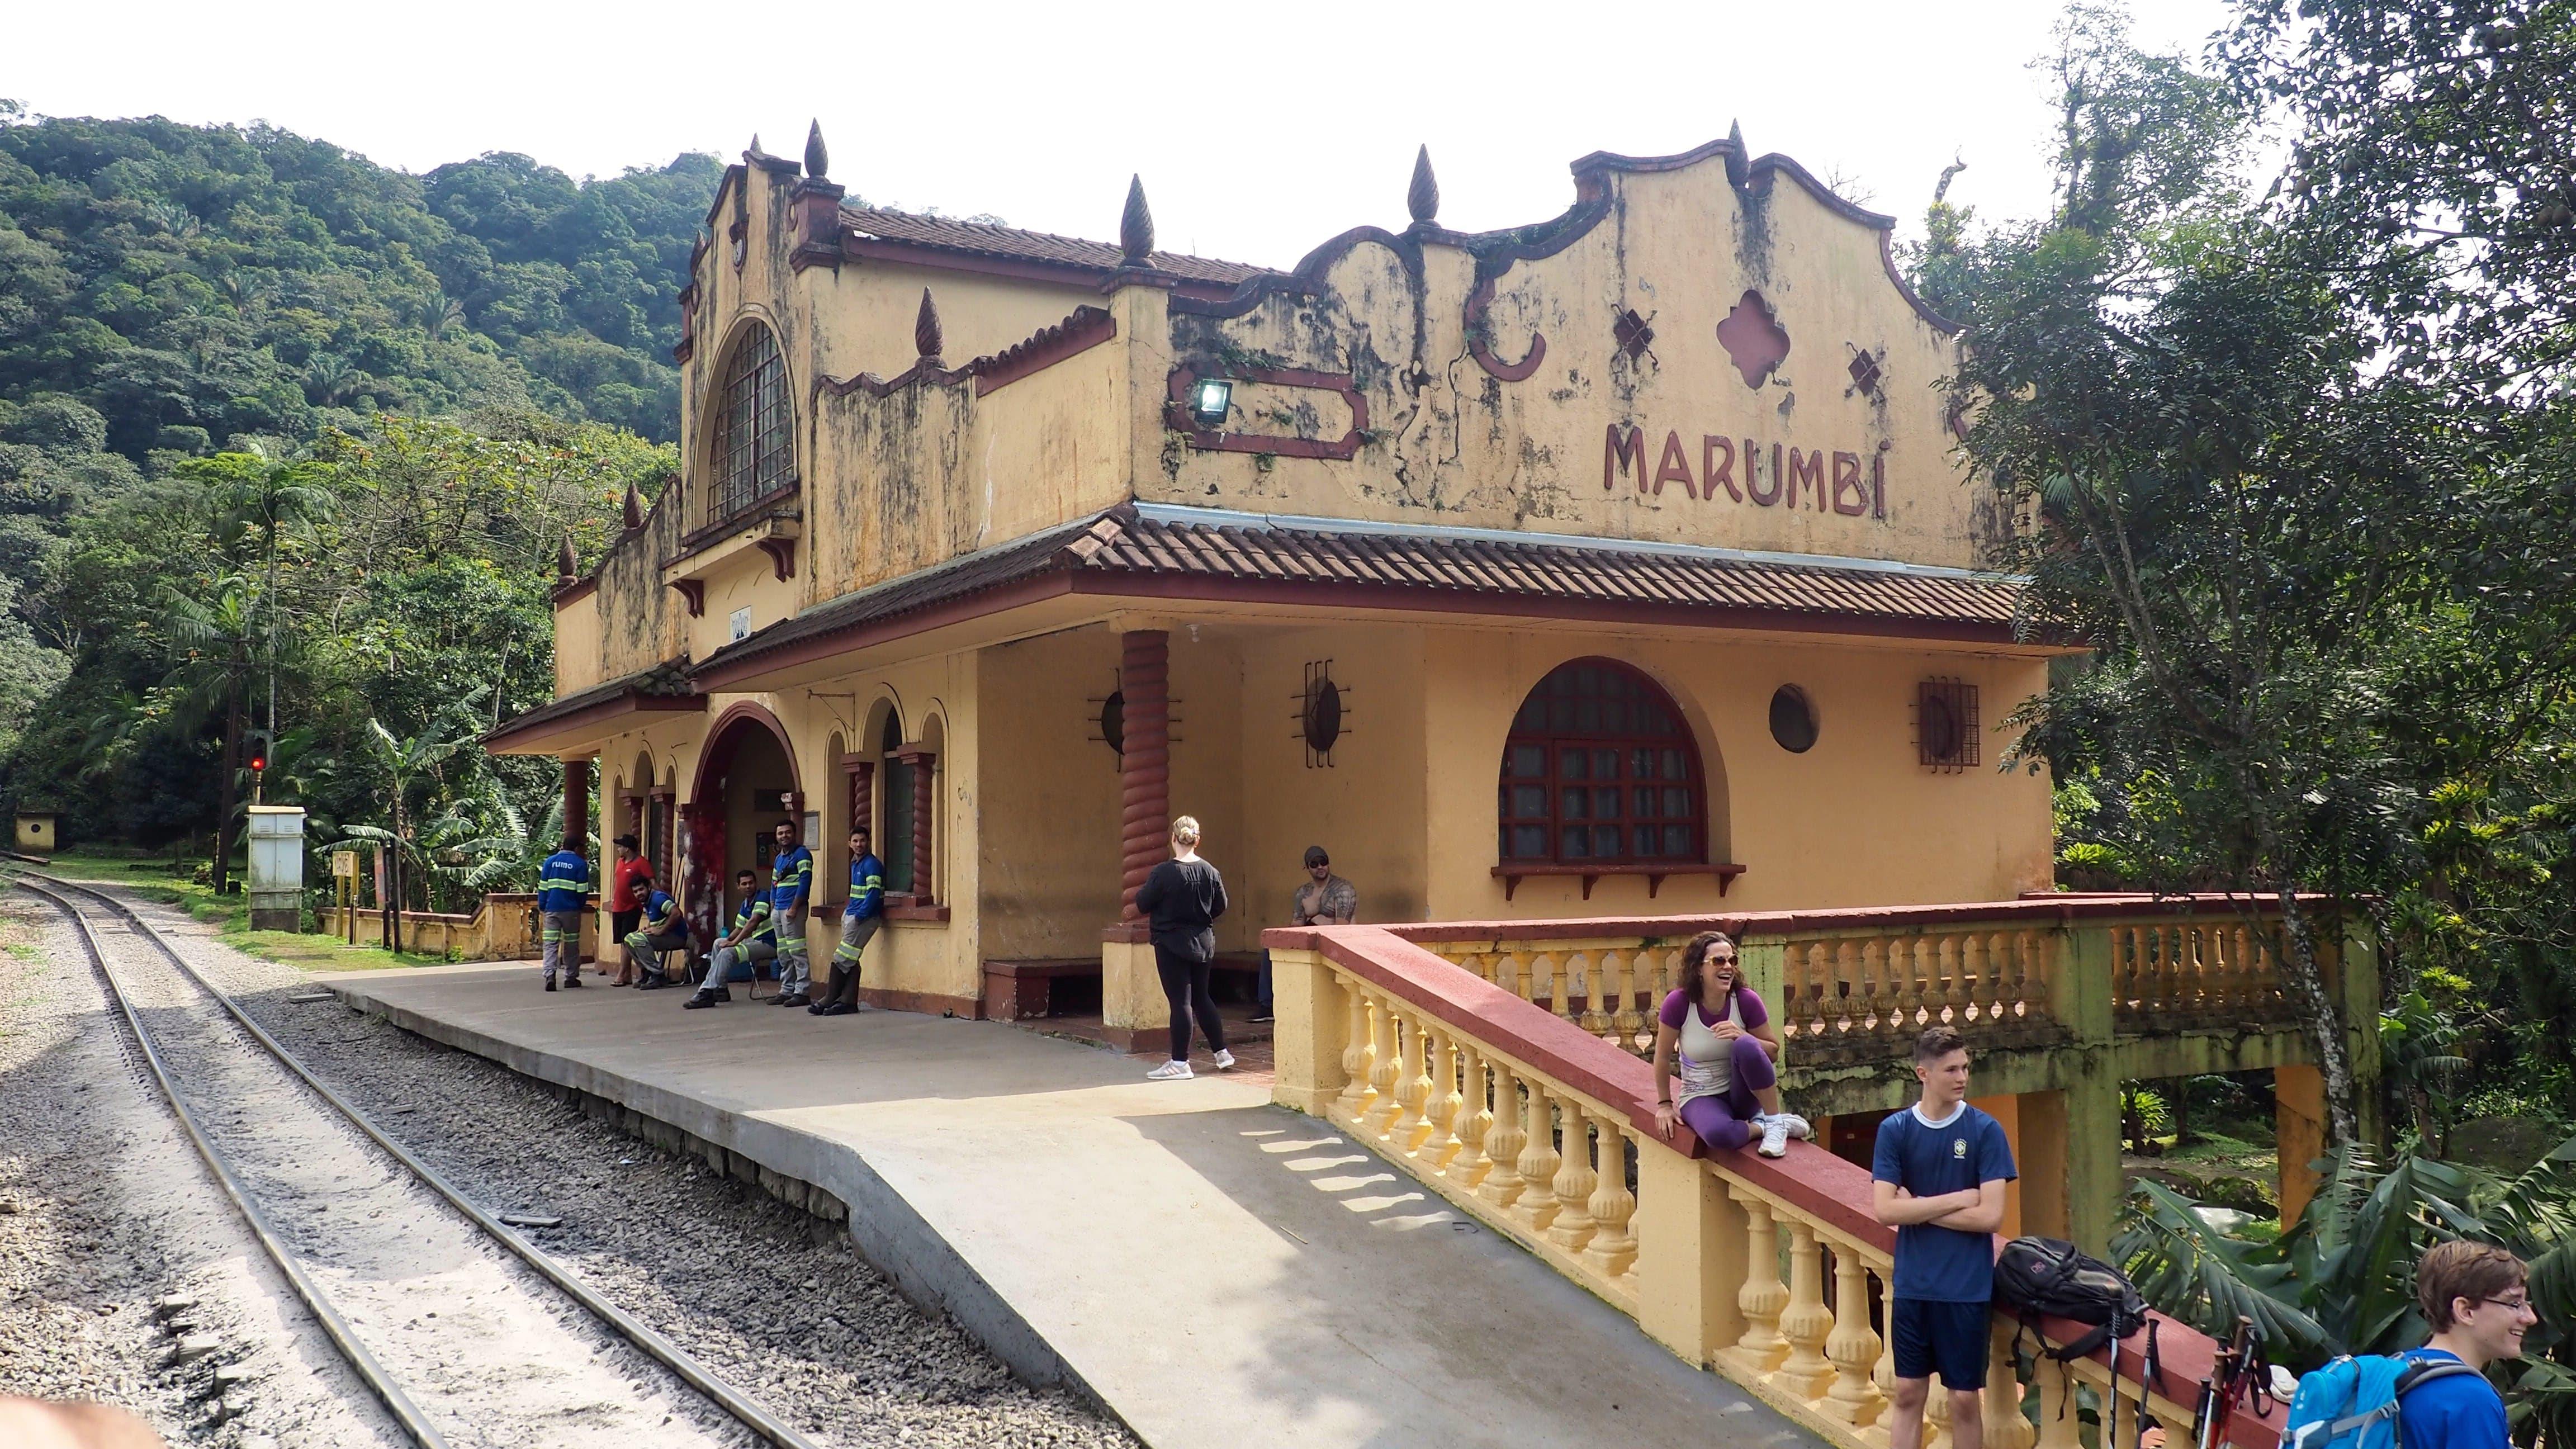 """Estación """"Marumbi"""", punto de partida del sendero que lleva a la cumbre del monte Marumbi"""